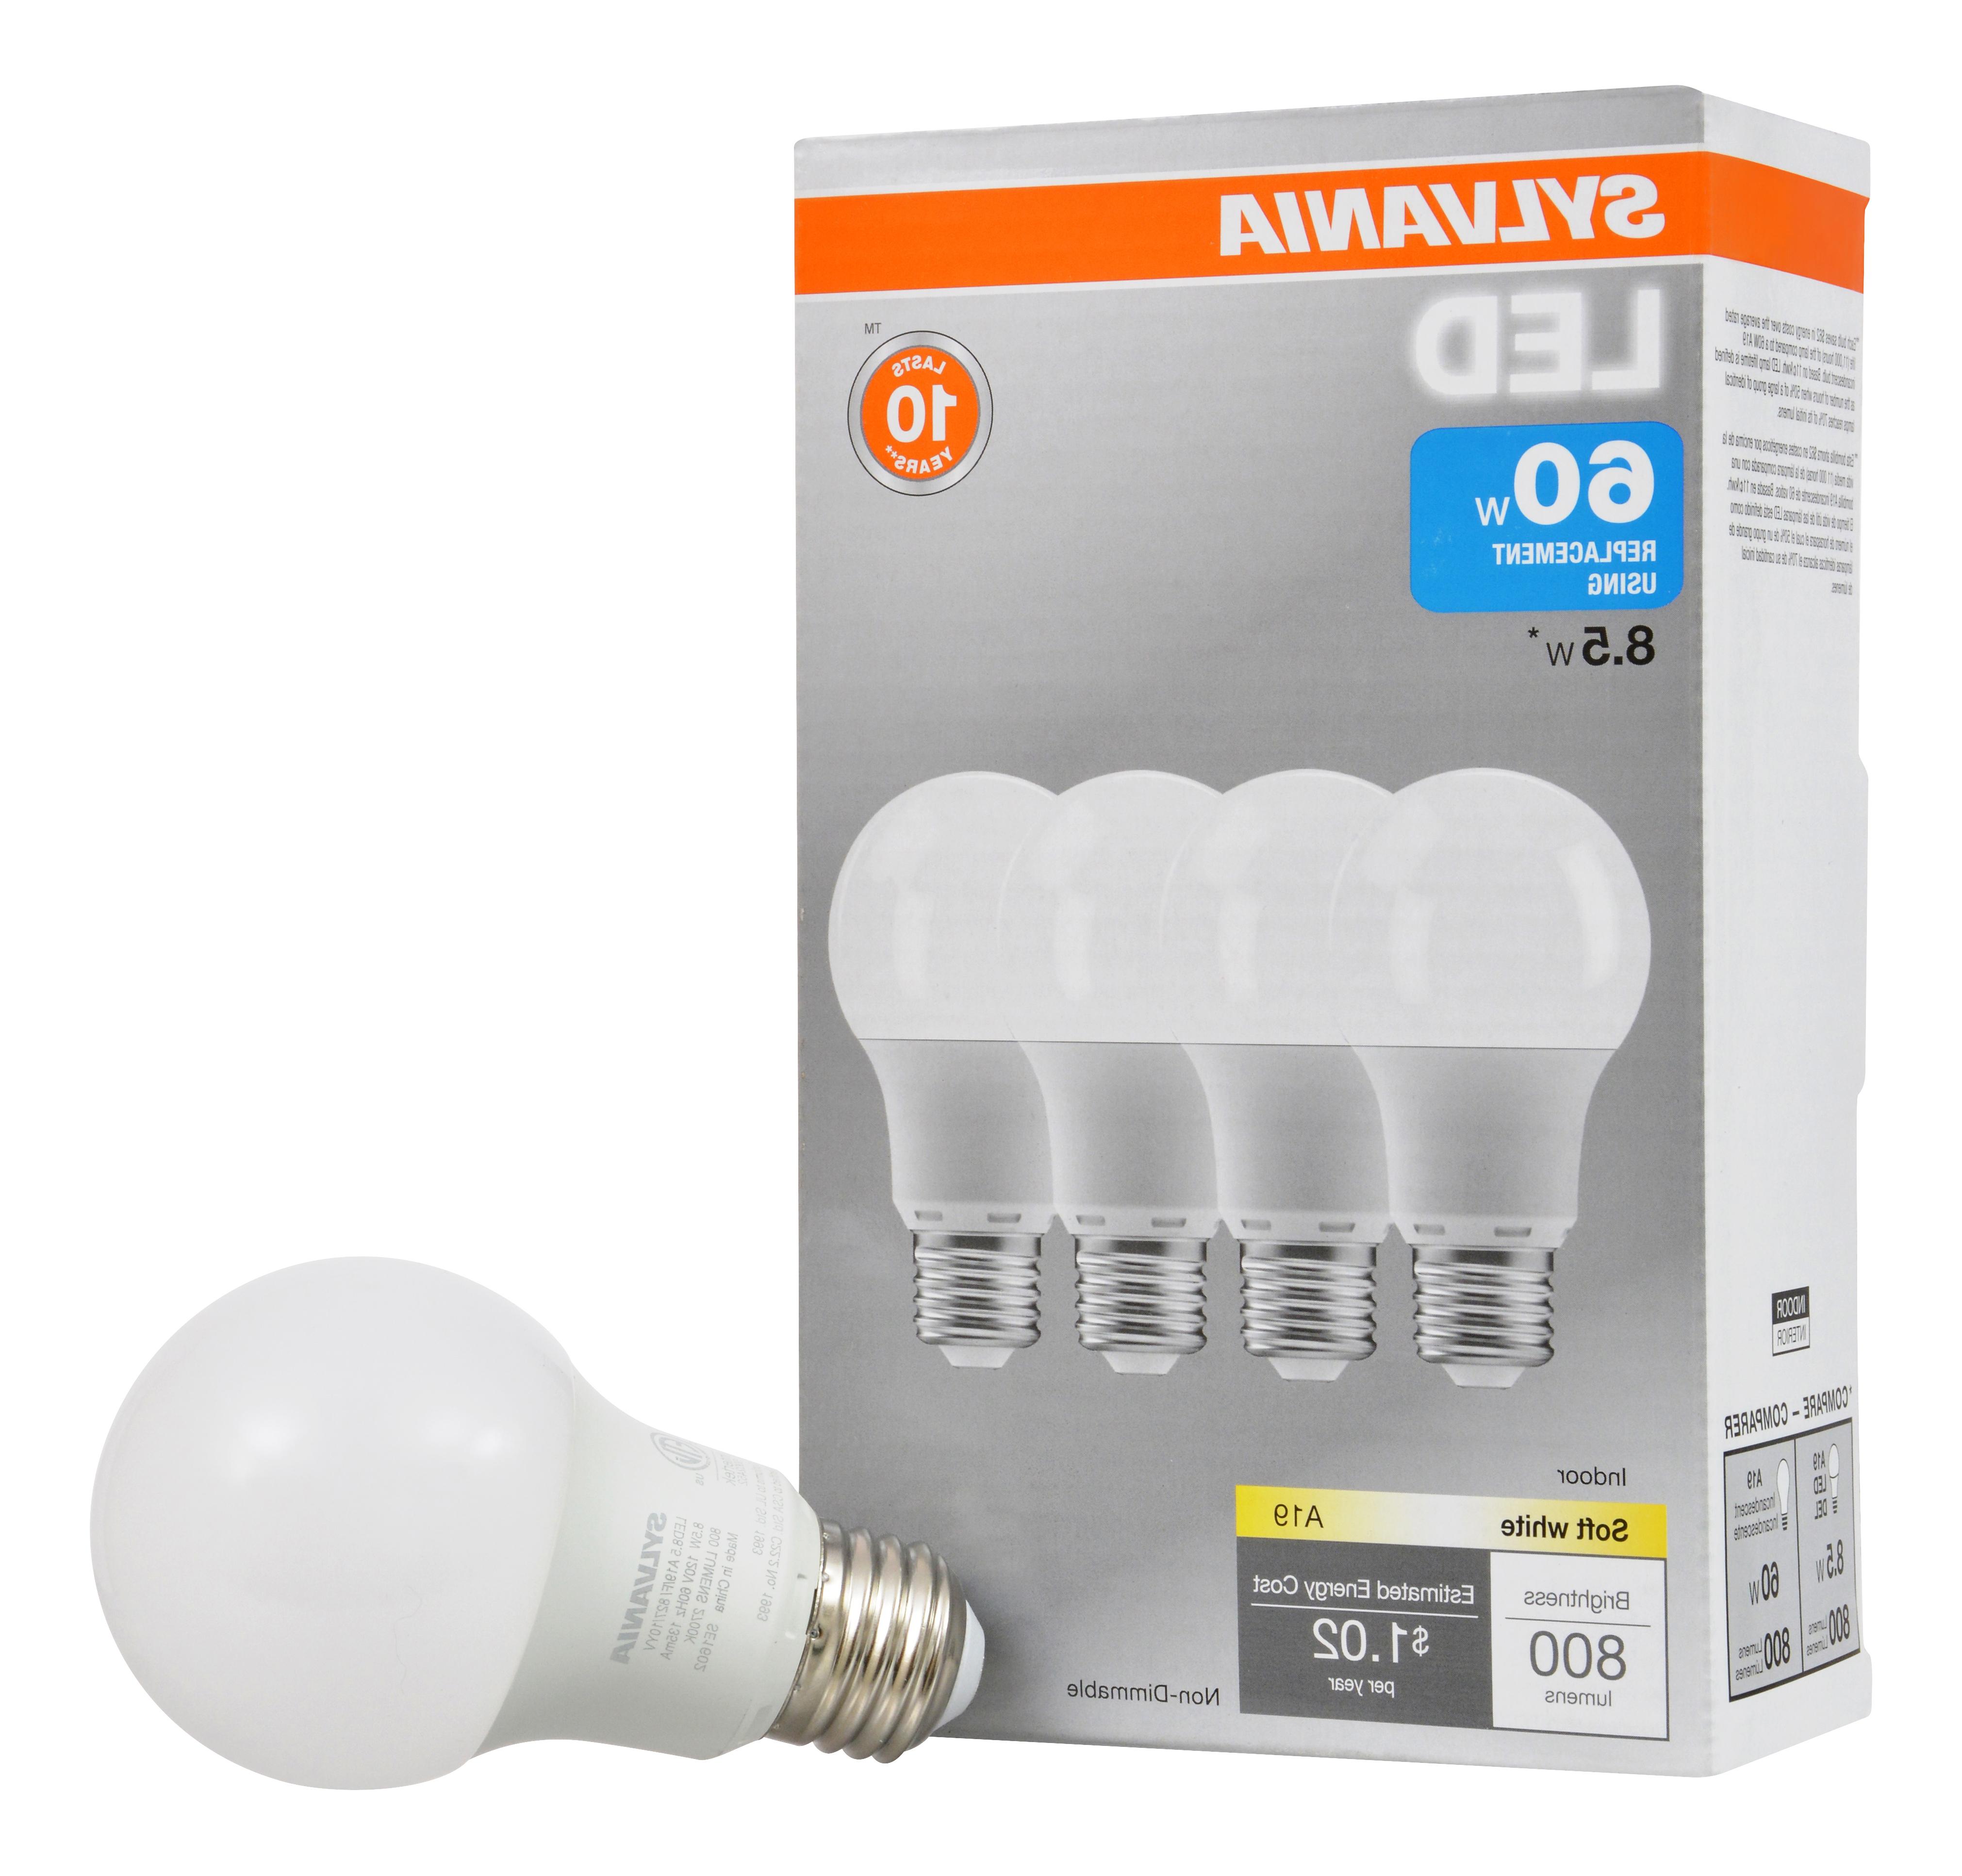 Sylvania Led Light Bulbs,  (View 13 of 20)